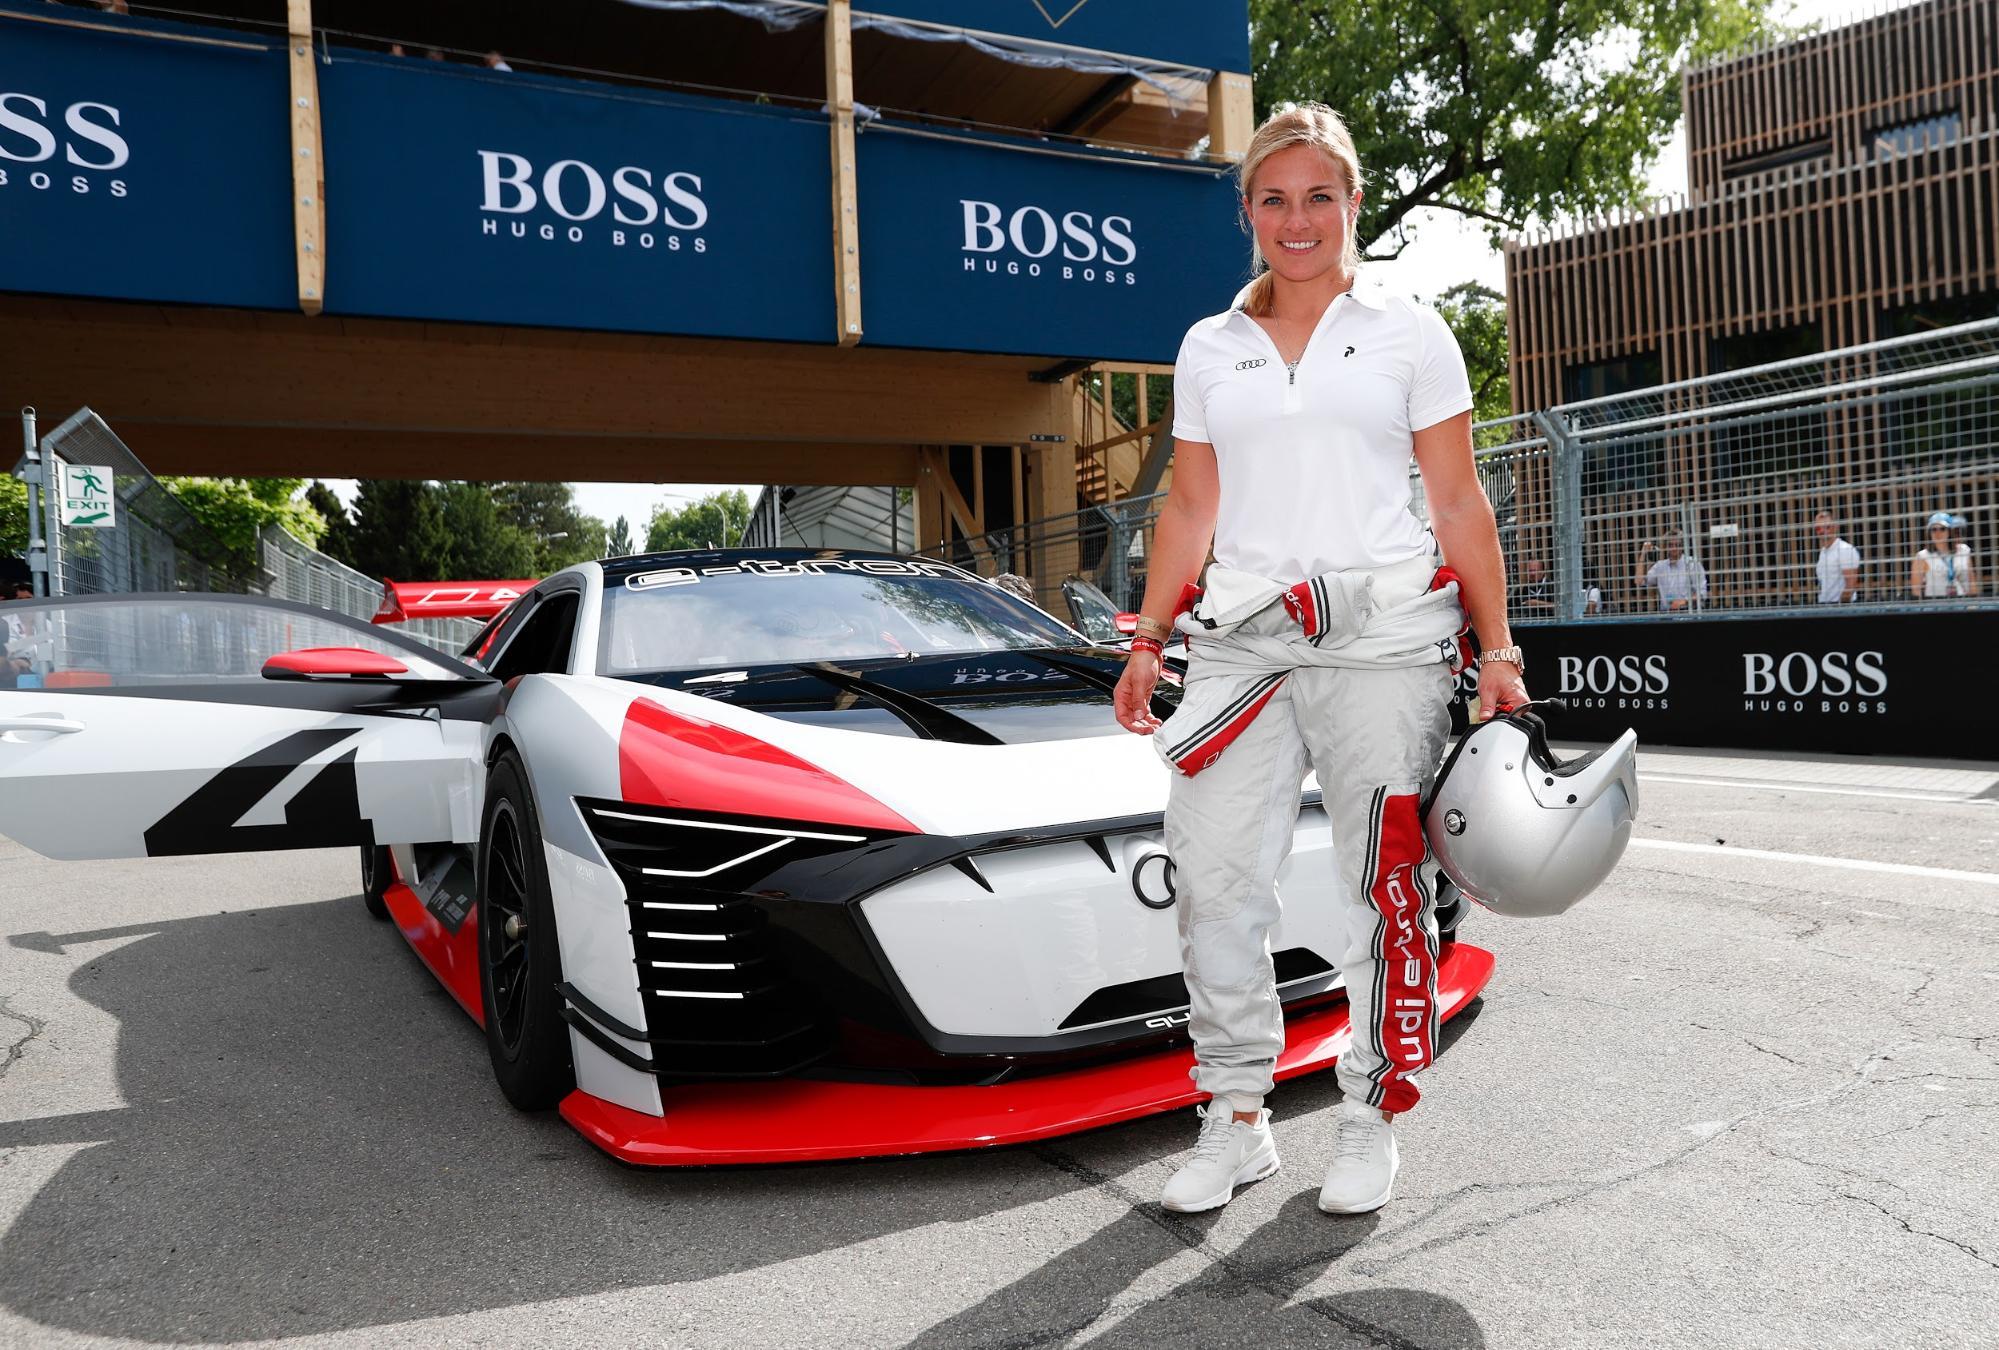 Lara Gut-Behrami all'E-Prix 2018 di Zurigo davanti all'Audi e-tron Vision Gran Turismo. (Sven Thomann)